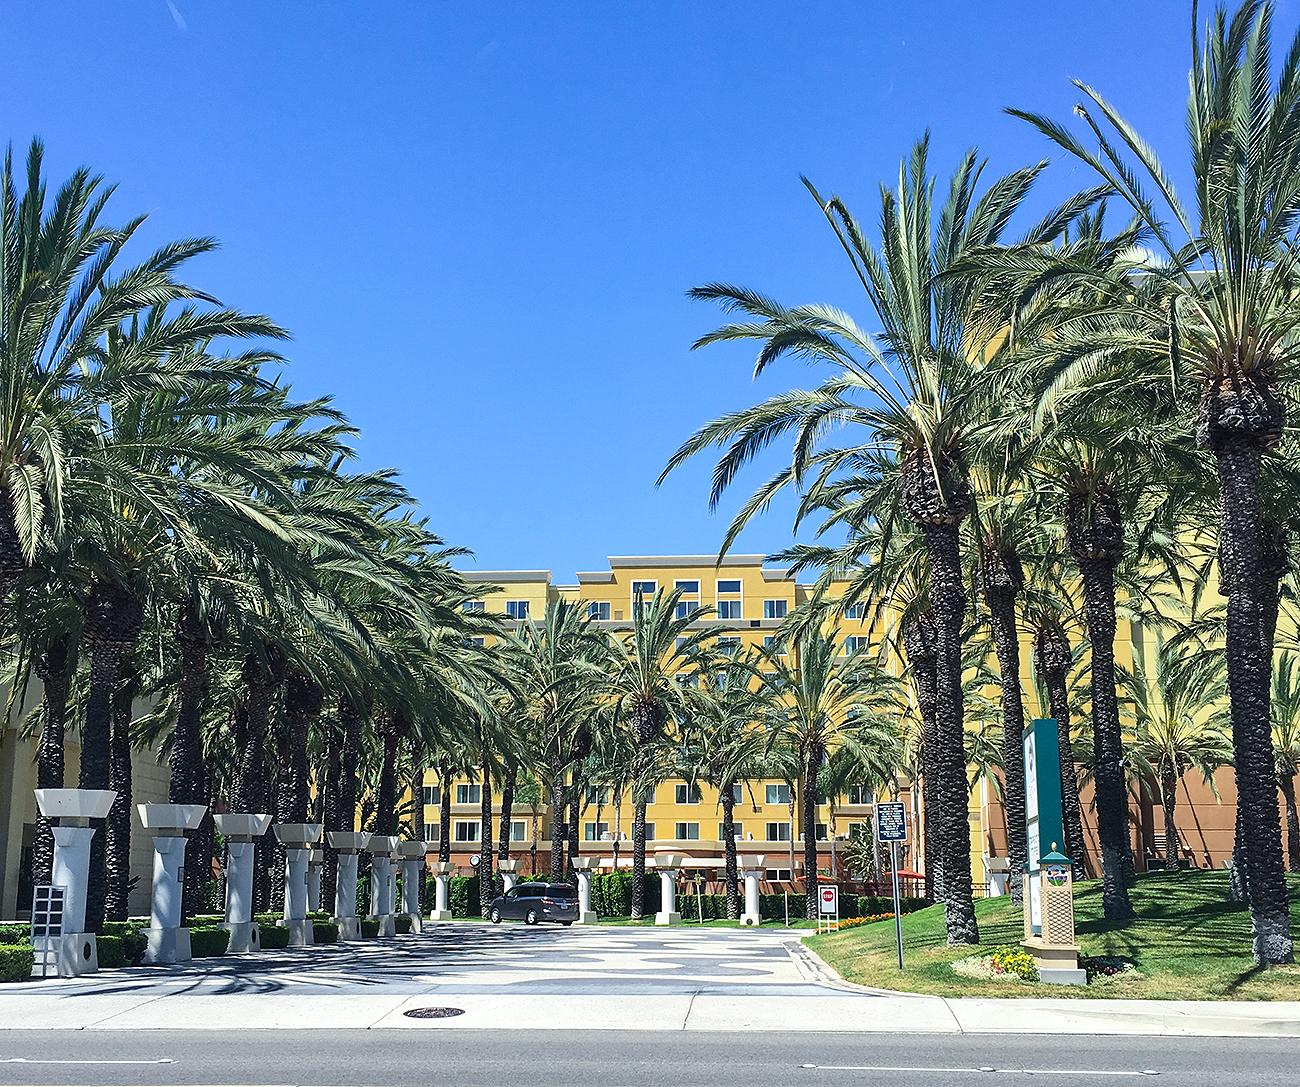 Ninasstyleblog,Travel, AnaheimCalifornia